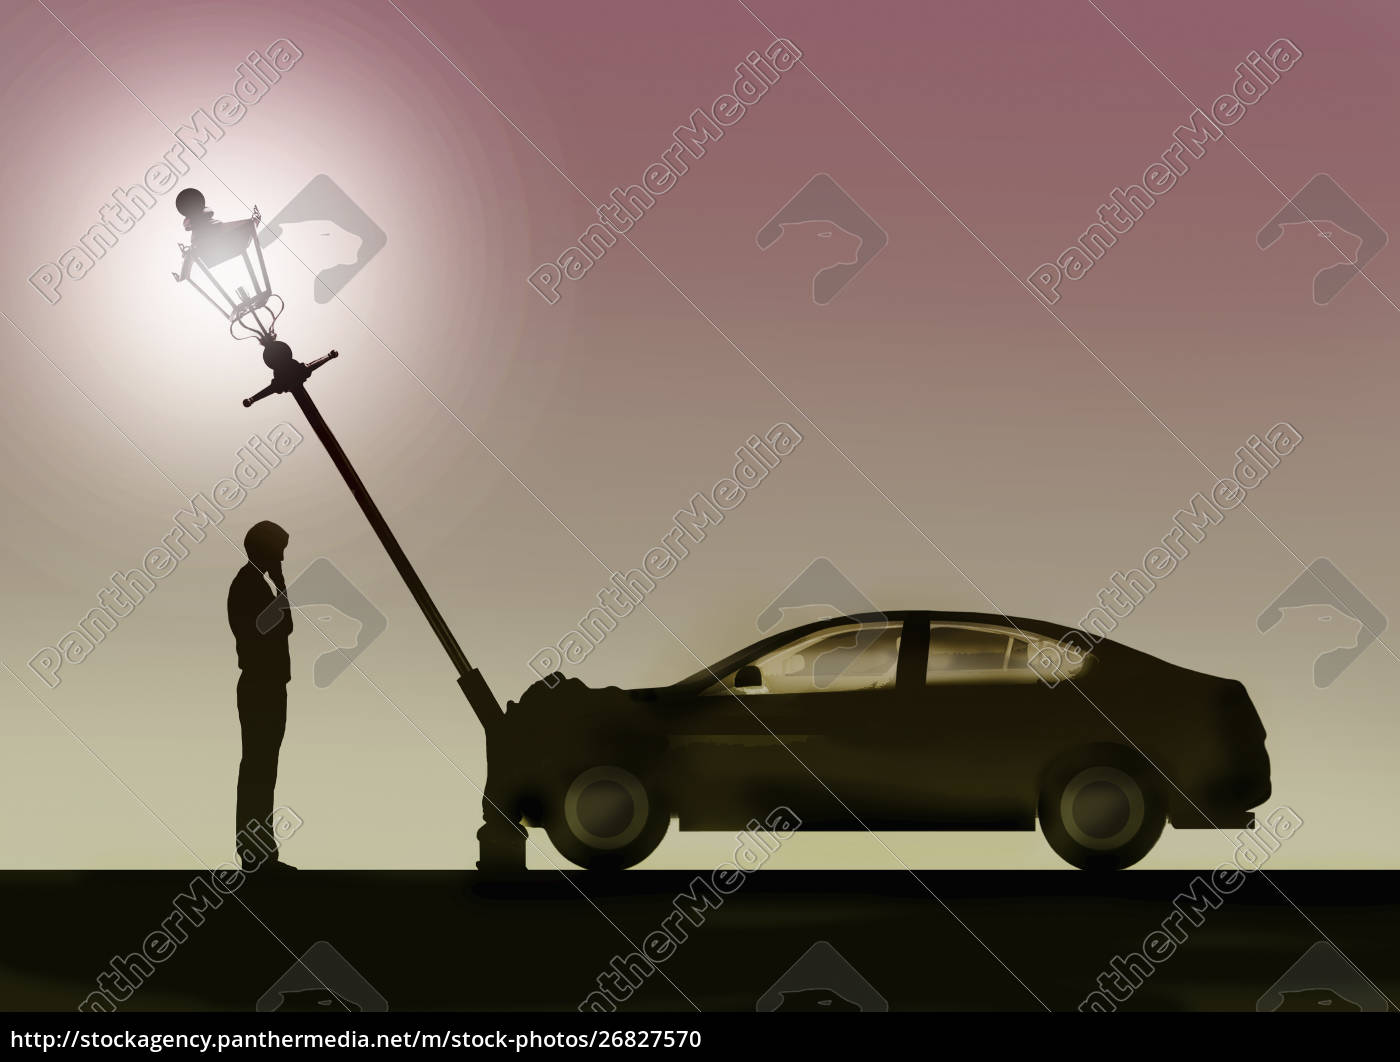 hombre, mirando, accidente, automovilístico, y, poste - 26827570